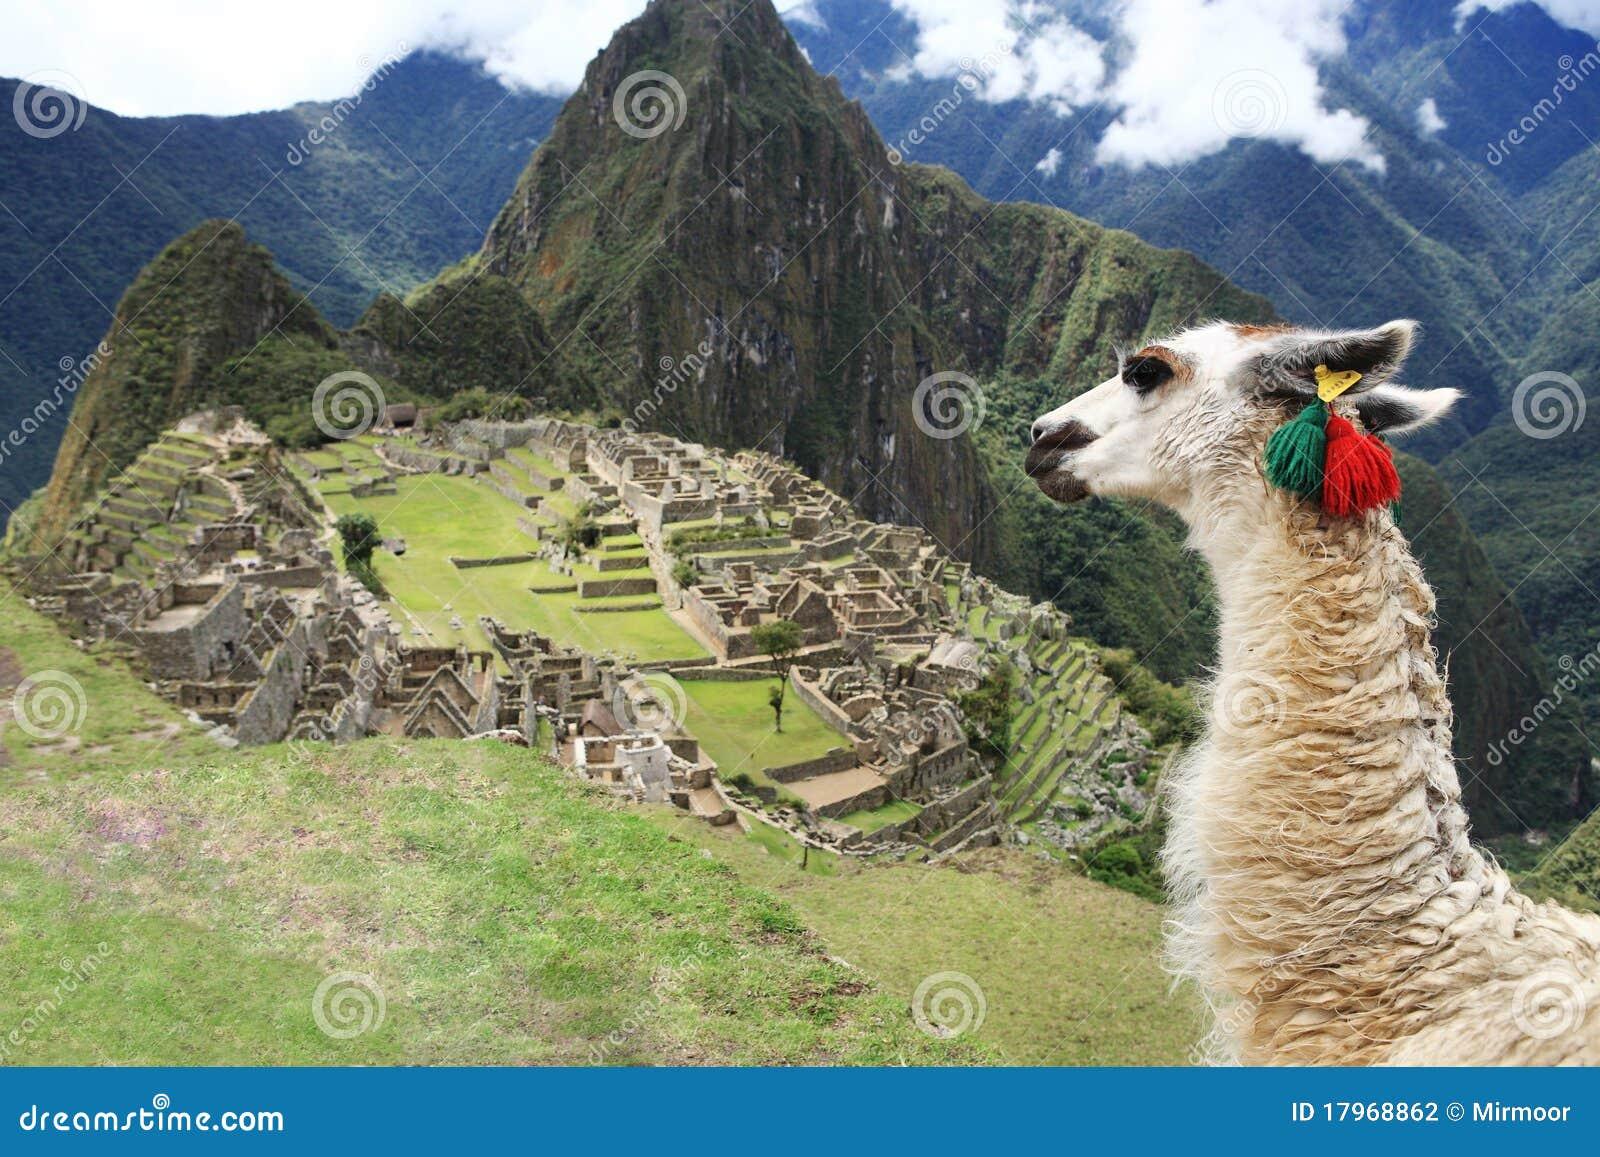 Llama at Lost City of Machu Picchu - Peru